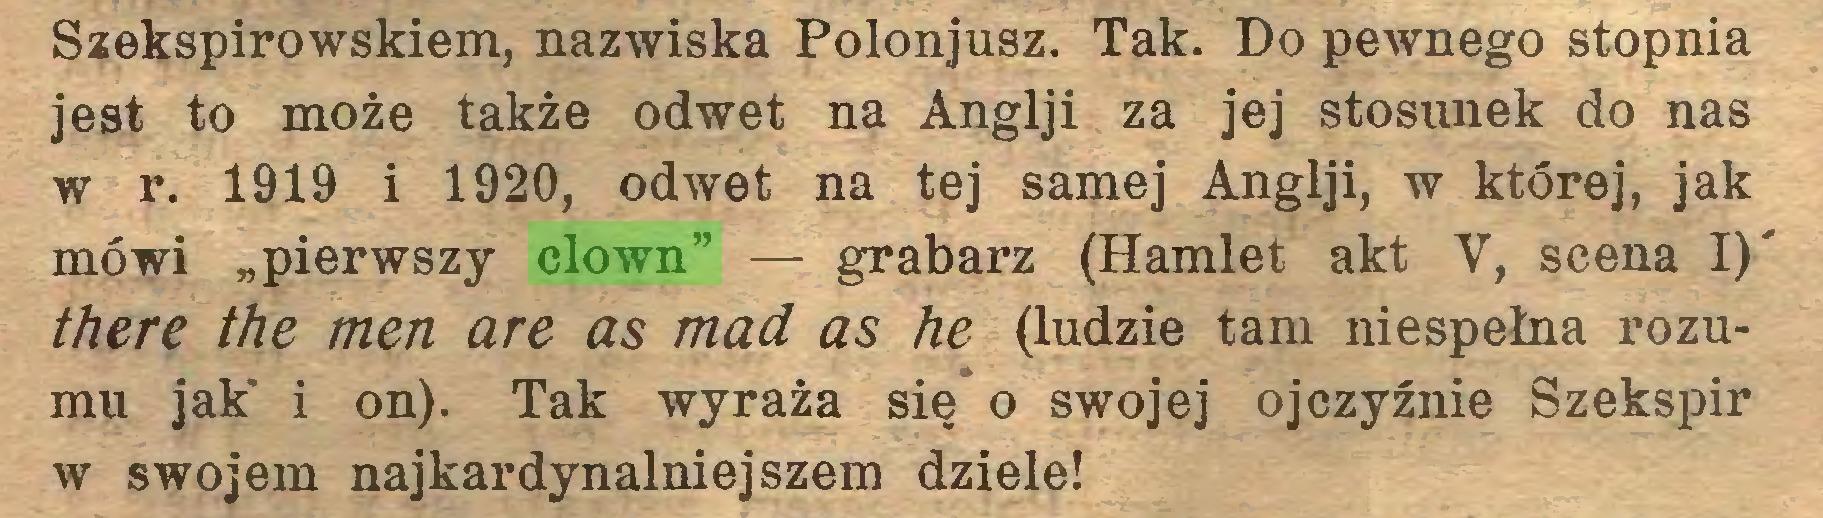 """(...) Szekspirowskiem, nazwiska Polonjusz. Tak. Do pewnego stopnia jest to może także odwet na Anglji za jej stosunek do nas w r. 1919 i 1920, odwet na tej samej Anglji, w której, jak mówi """"pierwszy clown"""" — grabarz (Hamlet akt V, scena I)' there the men are as mad as he (ludzie tam niespełna rozumu jak' i on). Tak wyraża się o swojej ojczyźnie Szekspir w swojem najkardynalniejszem dziele!..."""